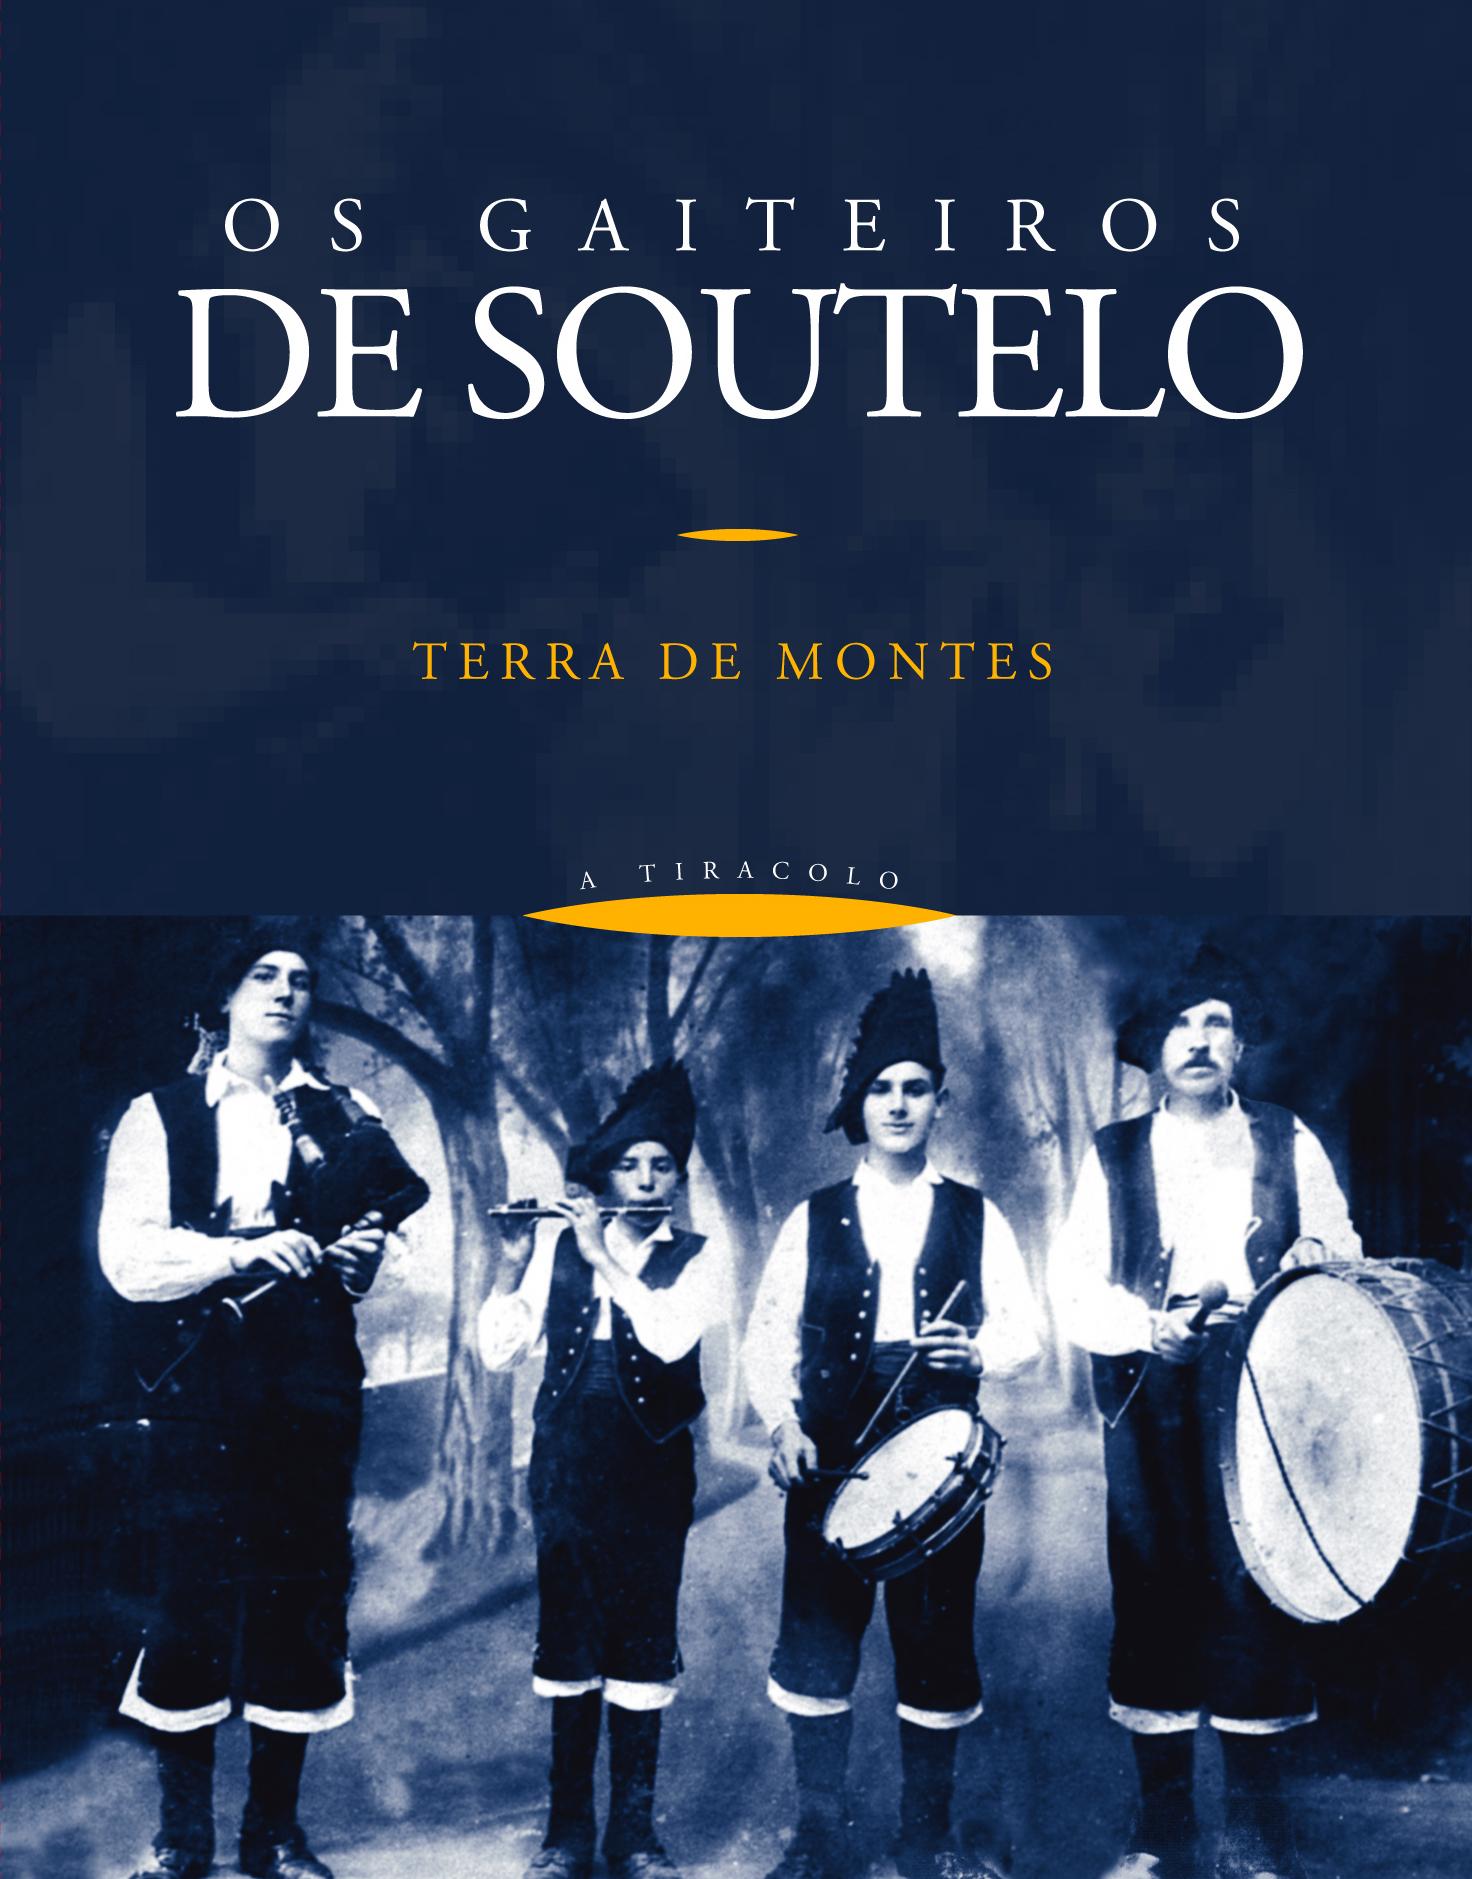 Os Gaiteiros de Soutelo de Montes (1928): Terra de Montes